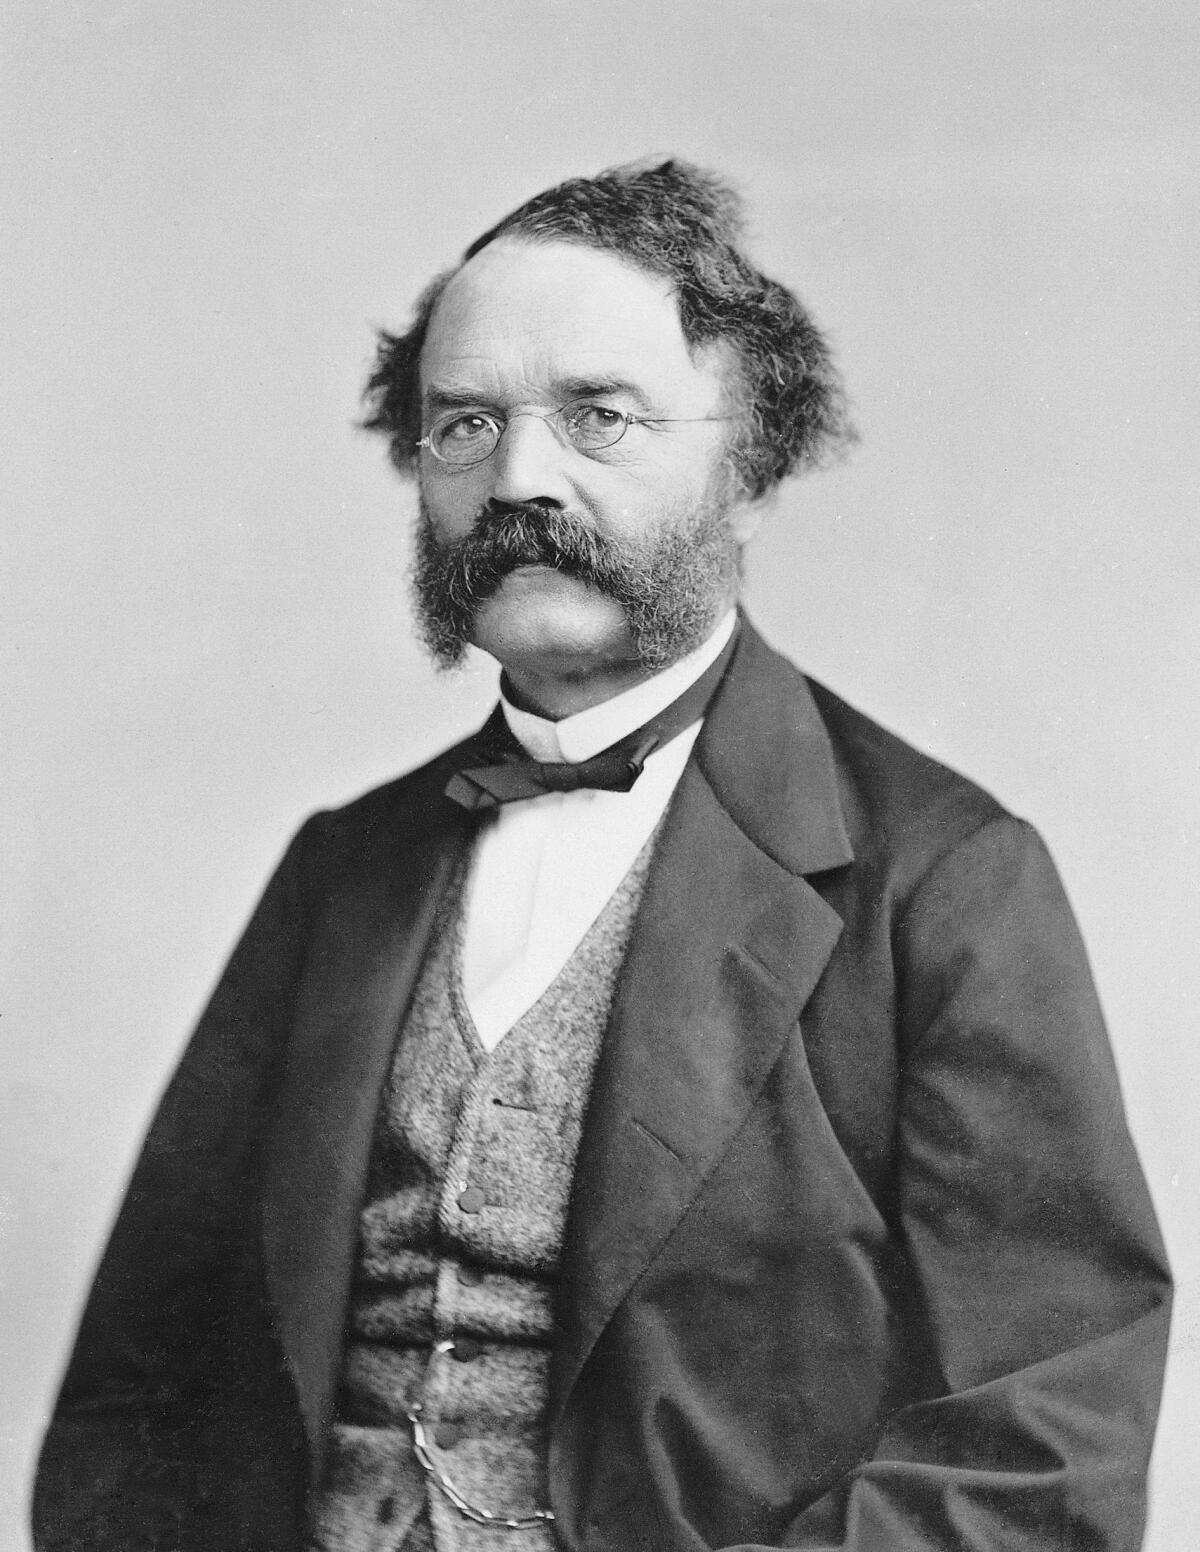 Вернер фон Сименс, основатель компании Siemens & Halske